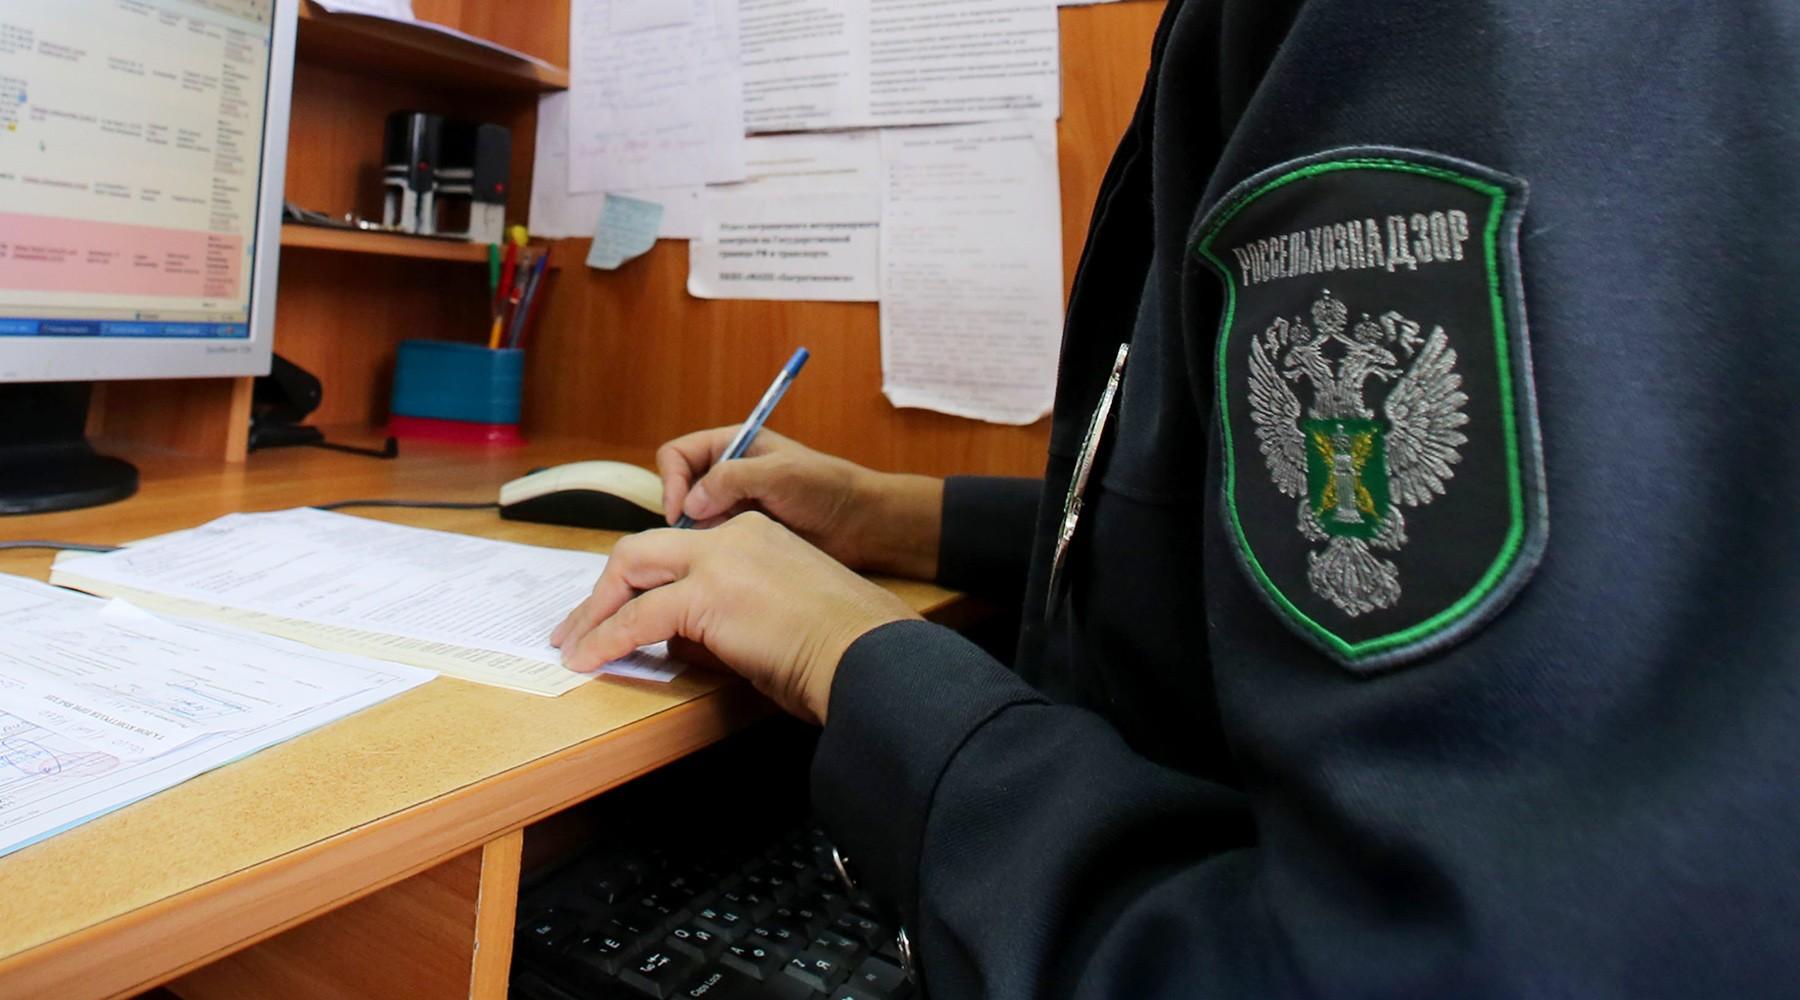 Информация о проделанной работе отдела земельного надзора Управления Россельхознадзора по Ростовской, Волгоградской и Астраханской областям и Республике Калмыкия за июнь 2020 года